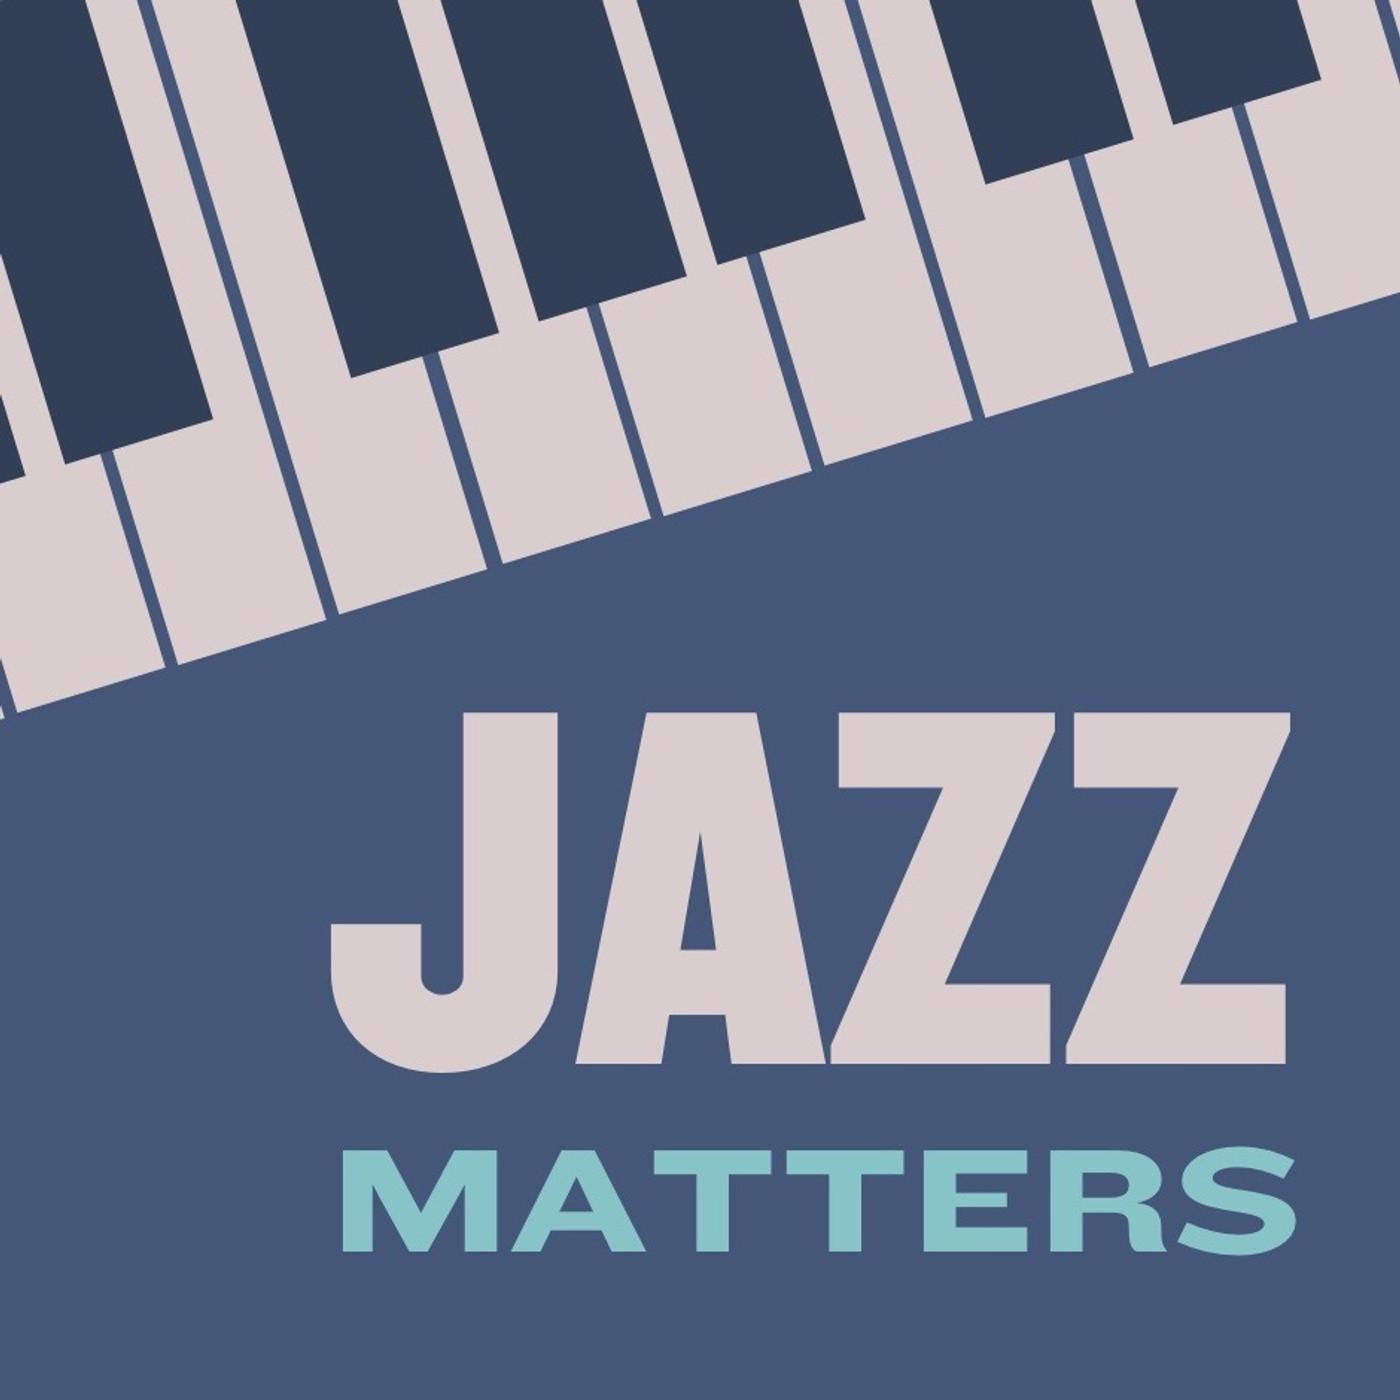 JazzMatters.net